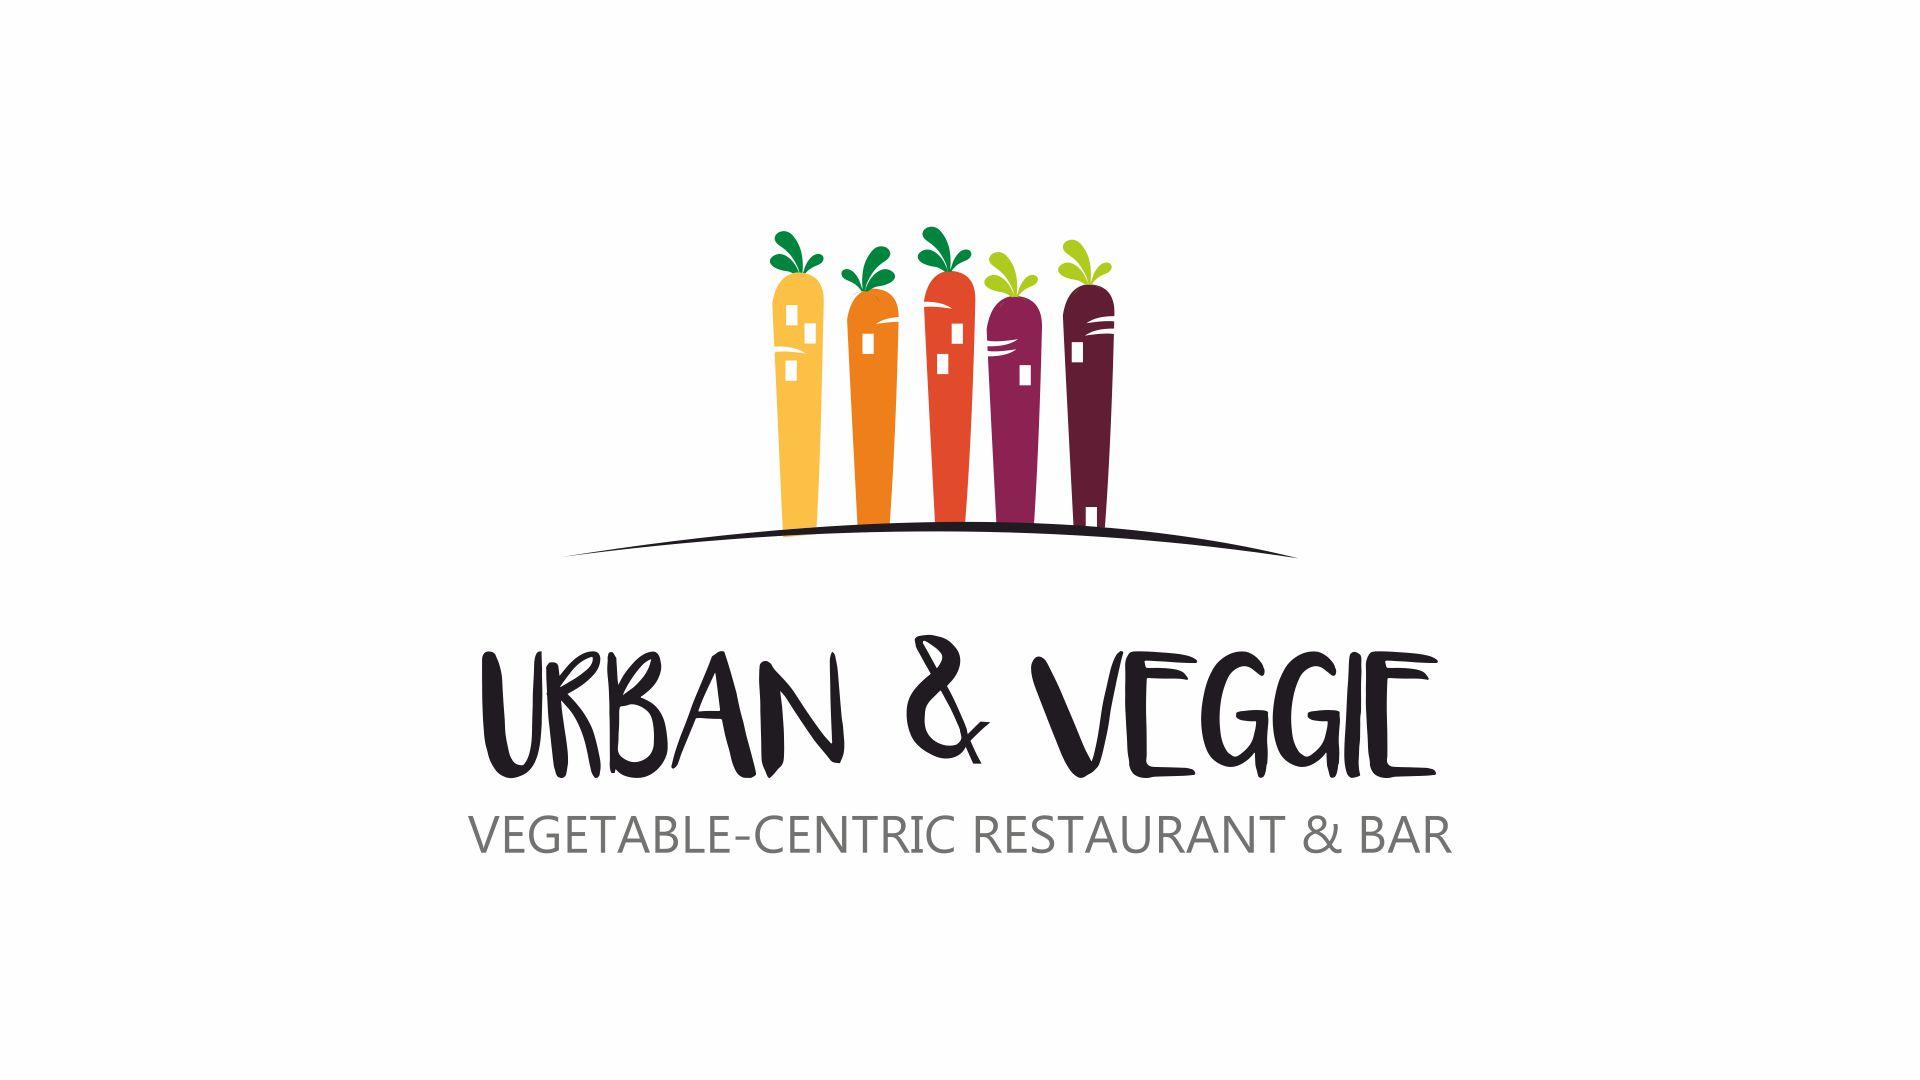 Urban & Veggie